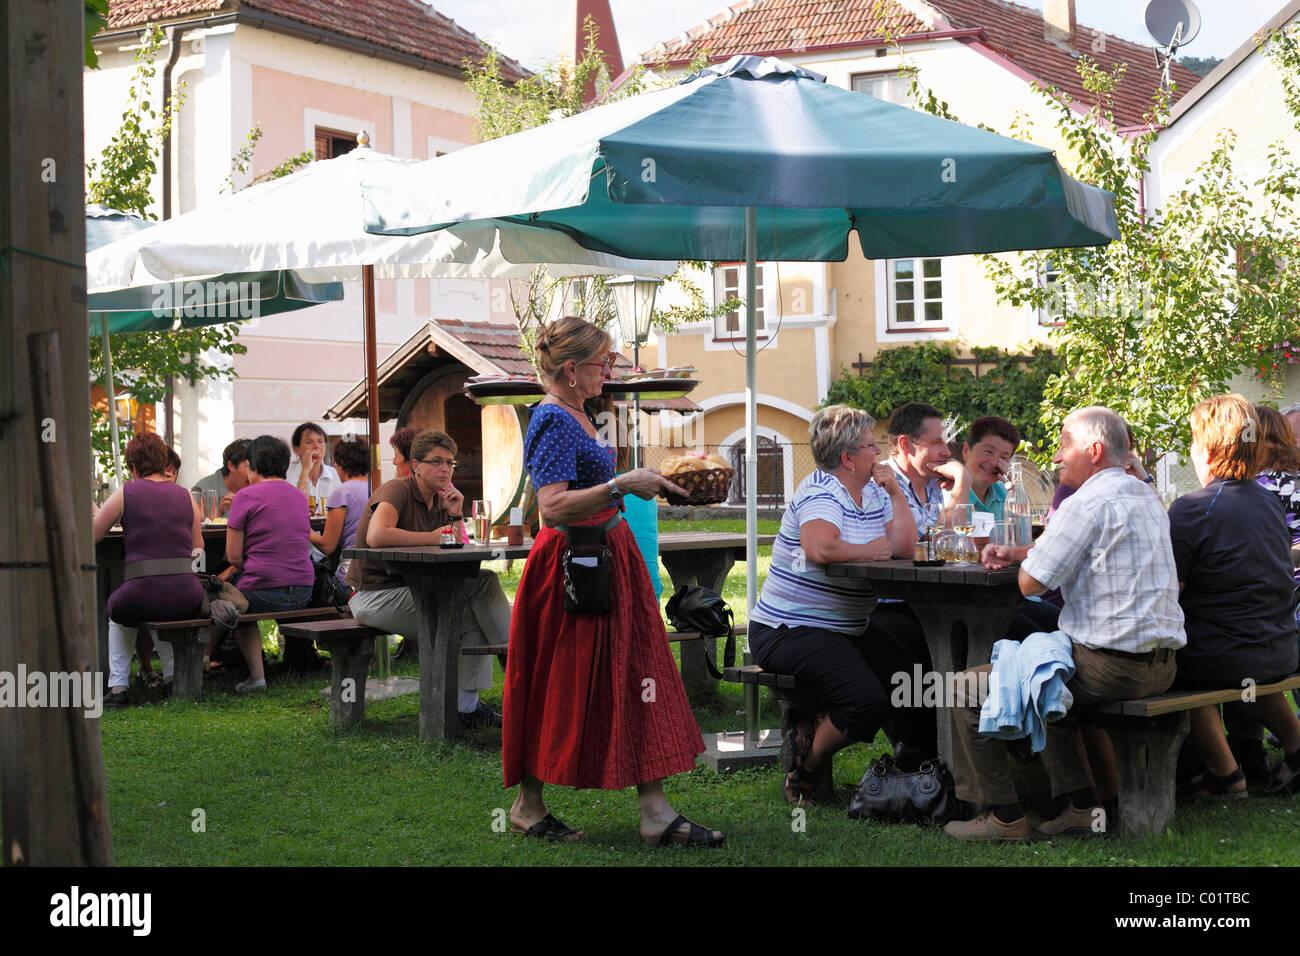 Noiblinger saisonale Weinstube, Weissenkirchen in der Wachau, Region Waldviertel, Niederösterreich, Österreich Stockbild